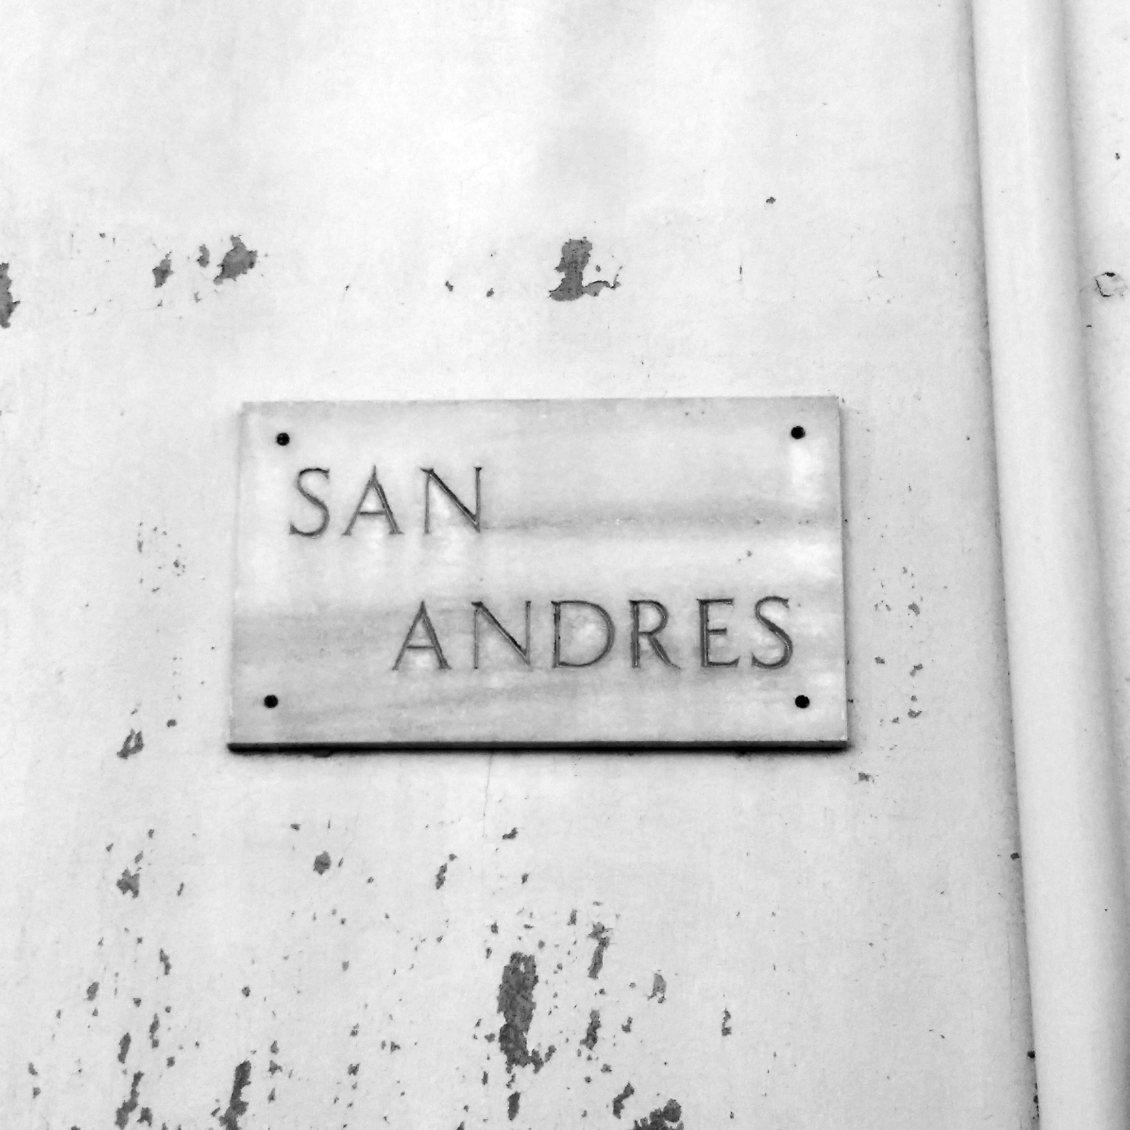 calles_2016-04-13-10.41.38